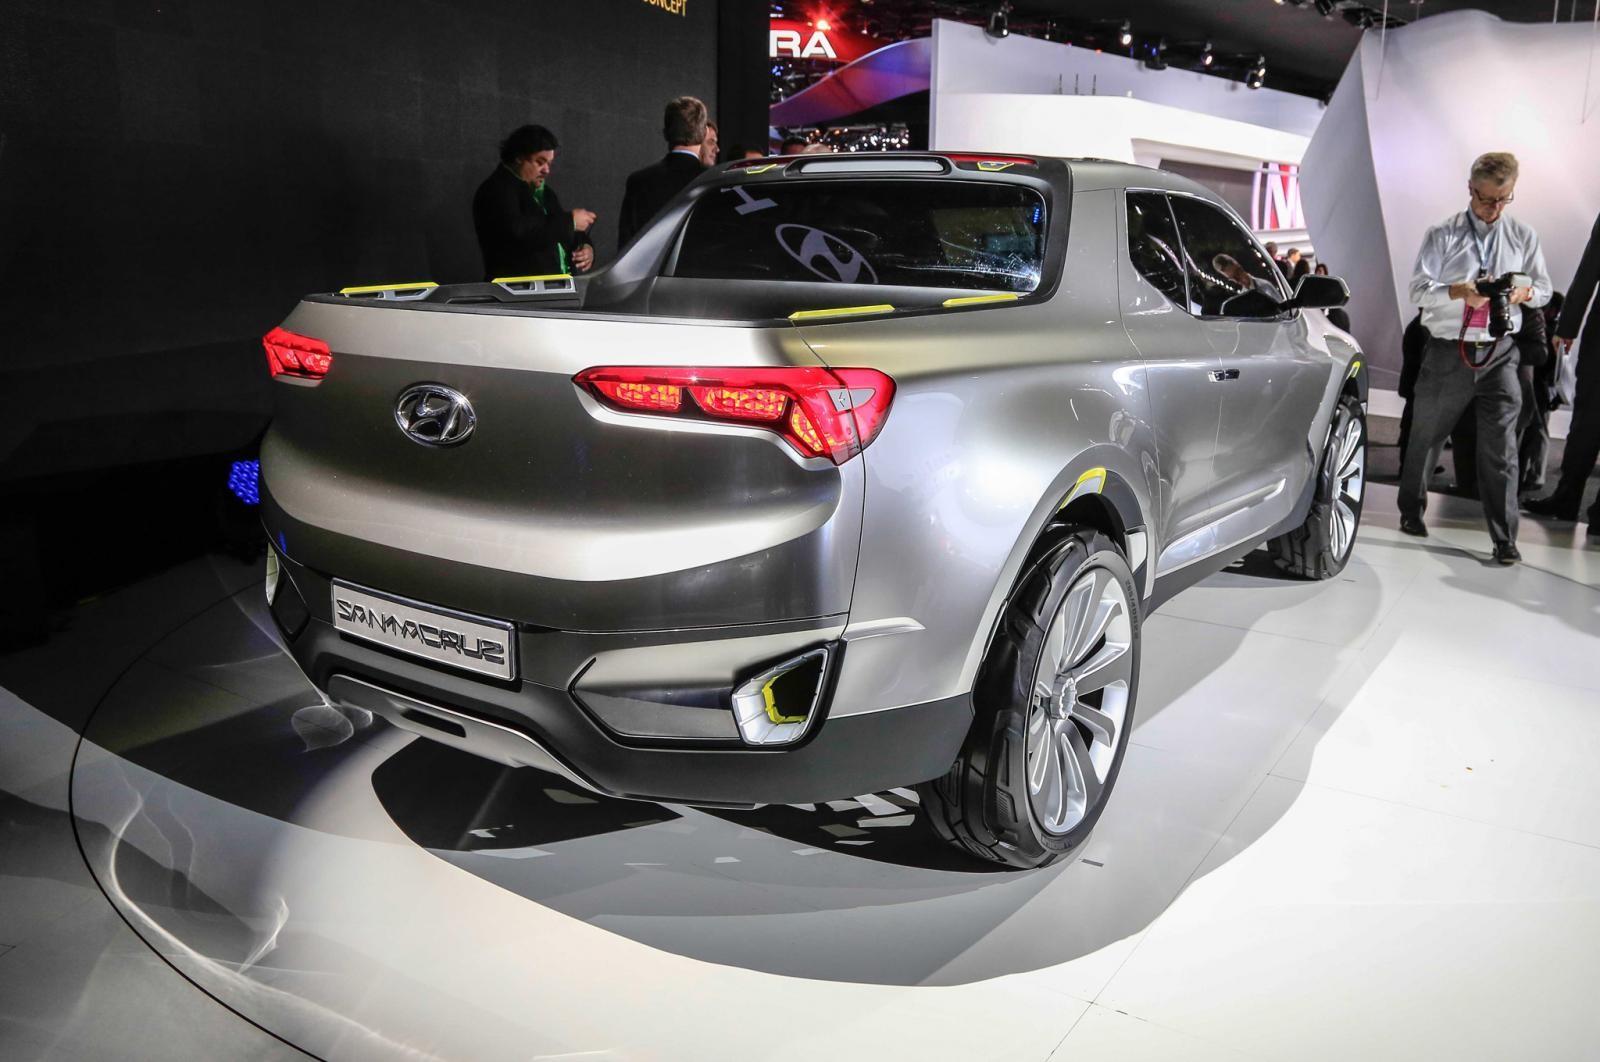 Hyundai Santa Cruz bản thương mại sẽ có thiết kế khác so với bản concept